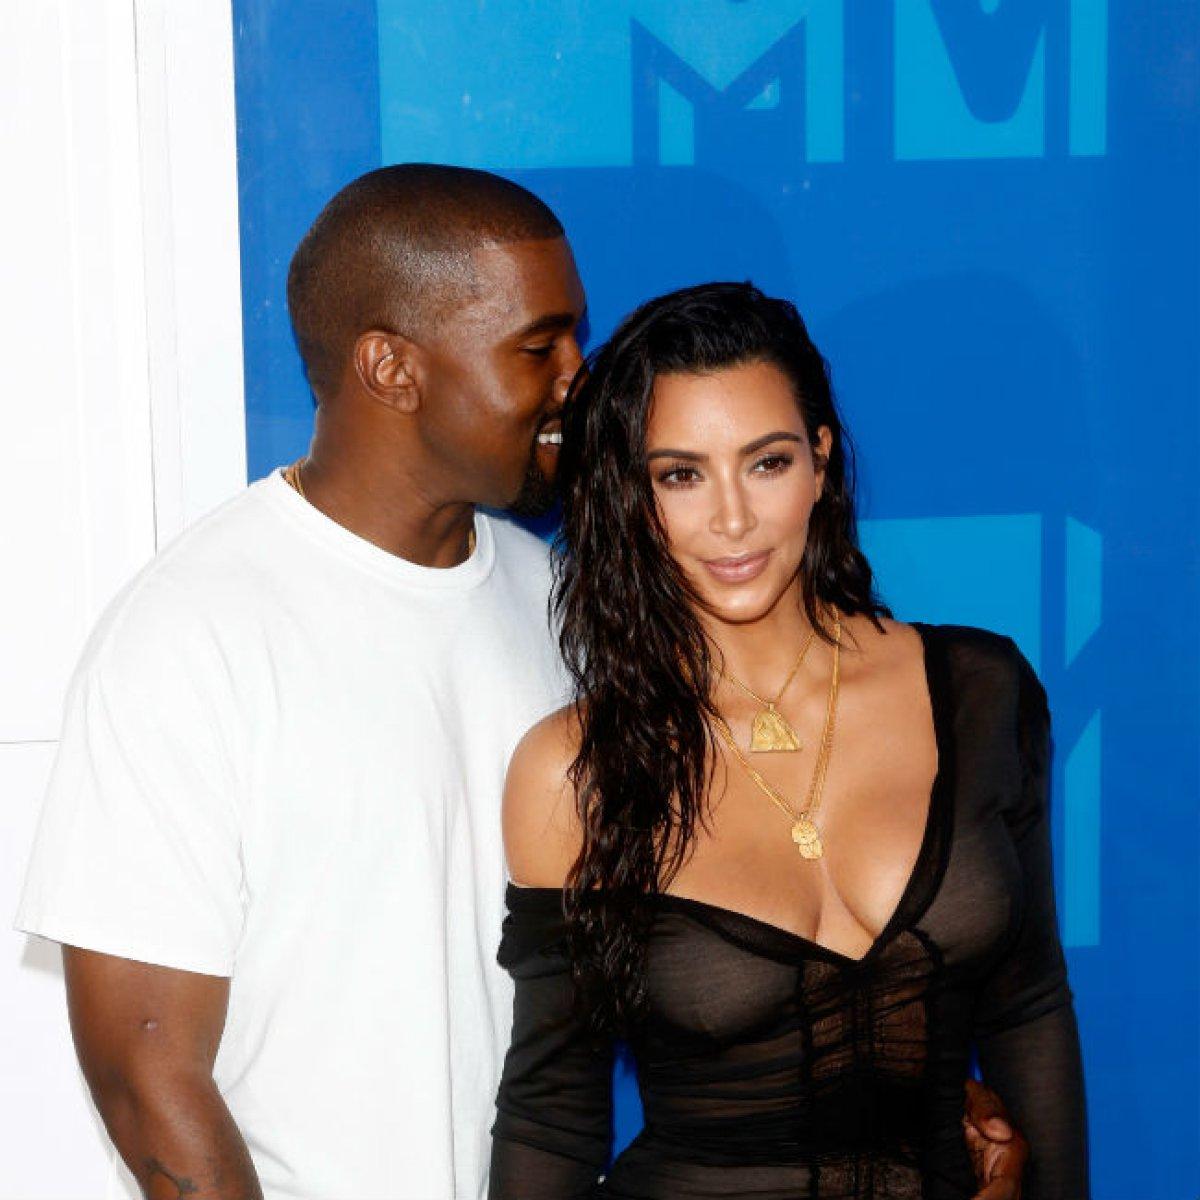 Conoce al hombre con el que Kim Kardashian le estaría siendo infiel a Kanye West